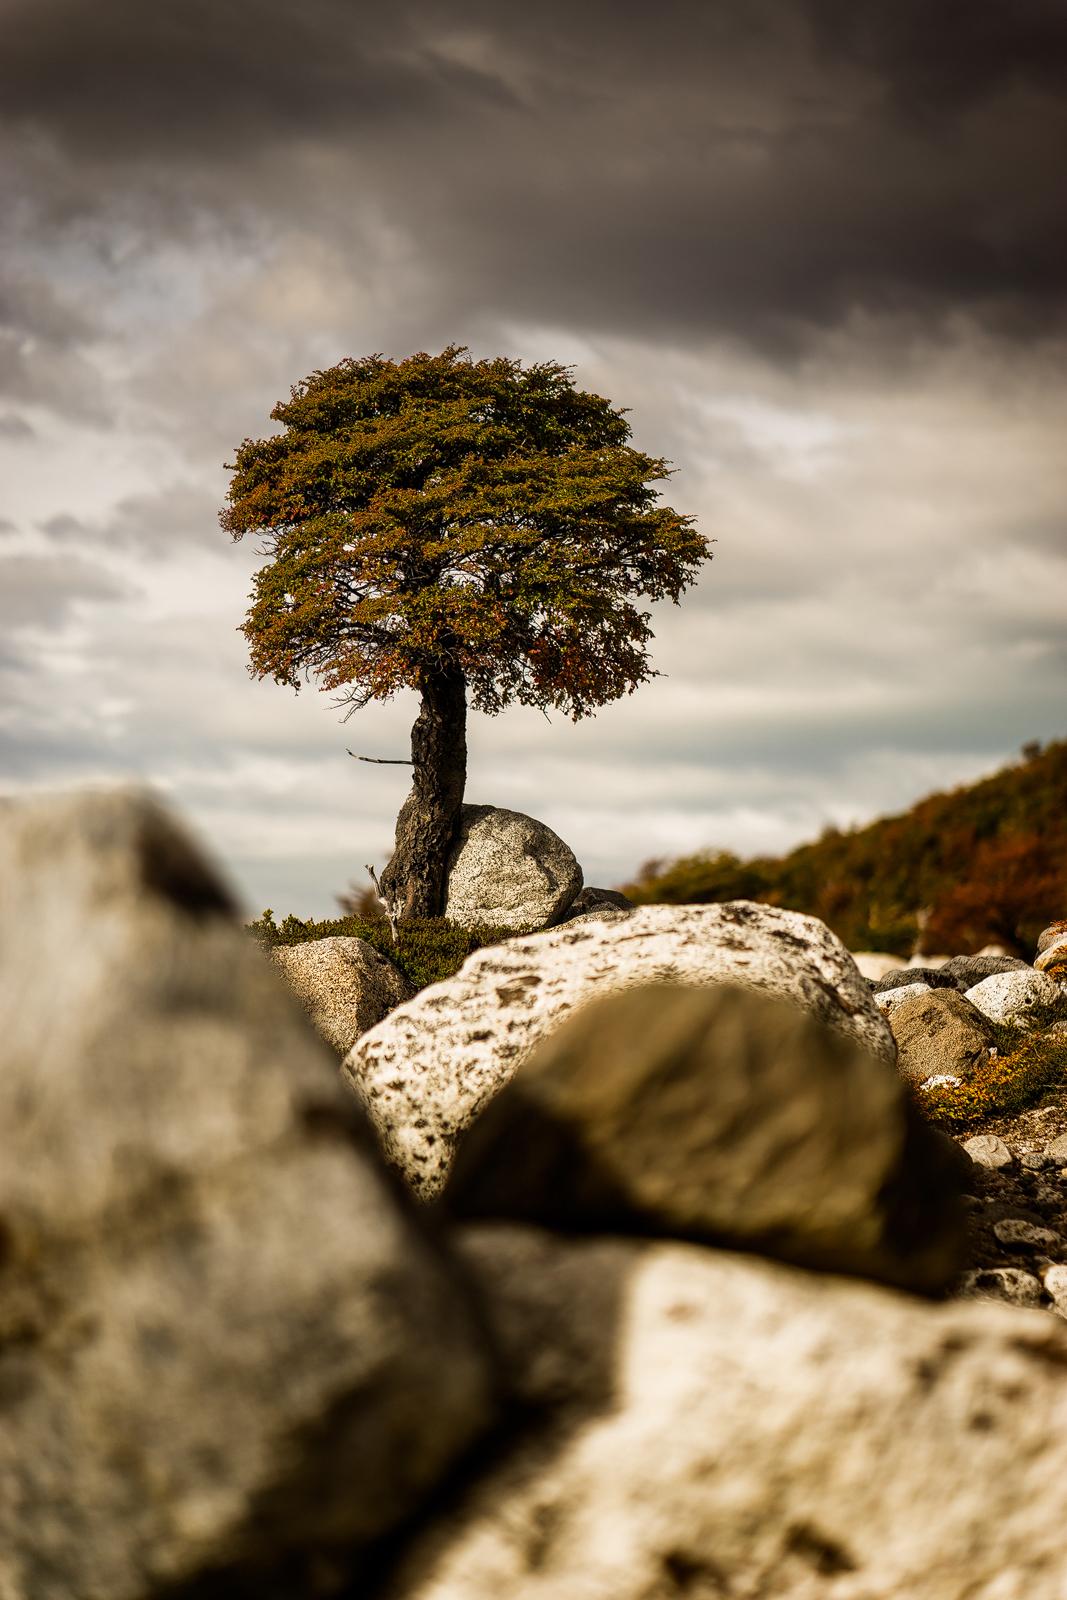 Nature - Photo 23